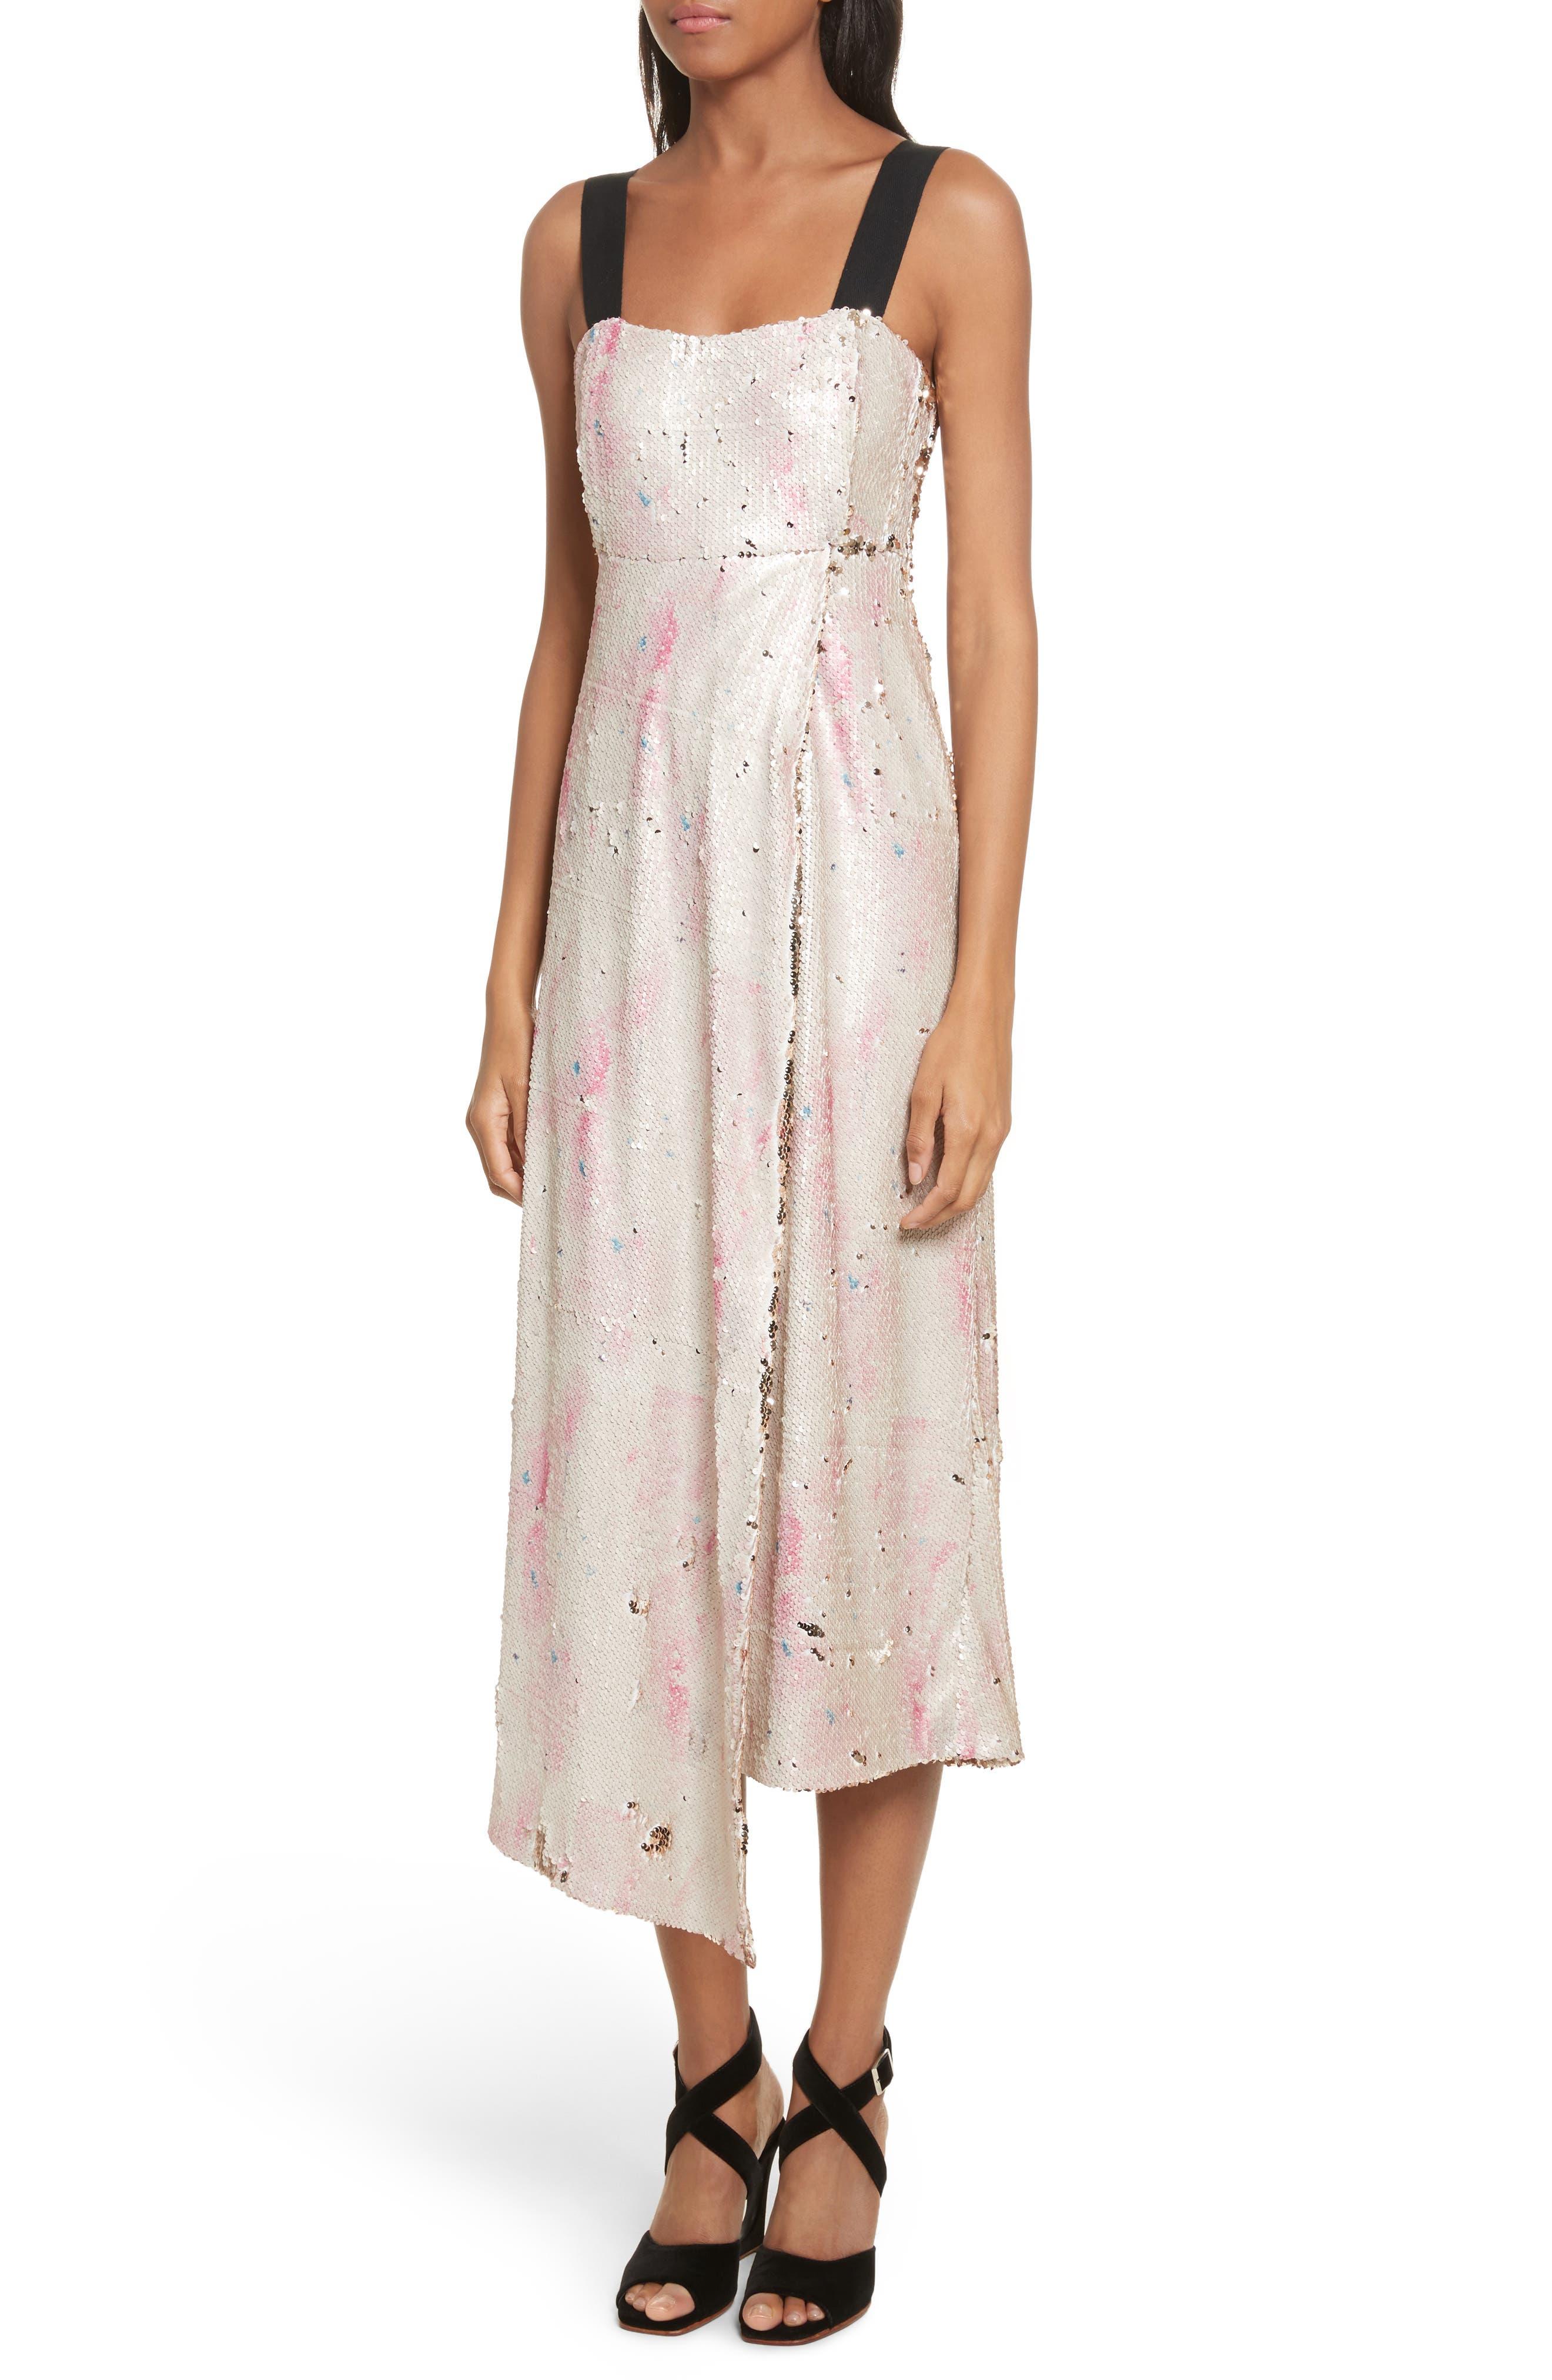 Slacken Sequined Dress,                             Alternate thumbnail 4, color,                             658